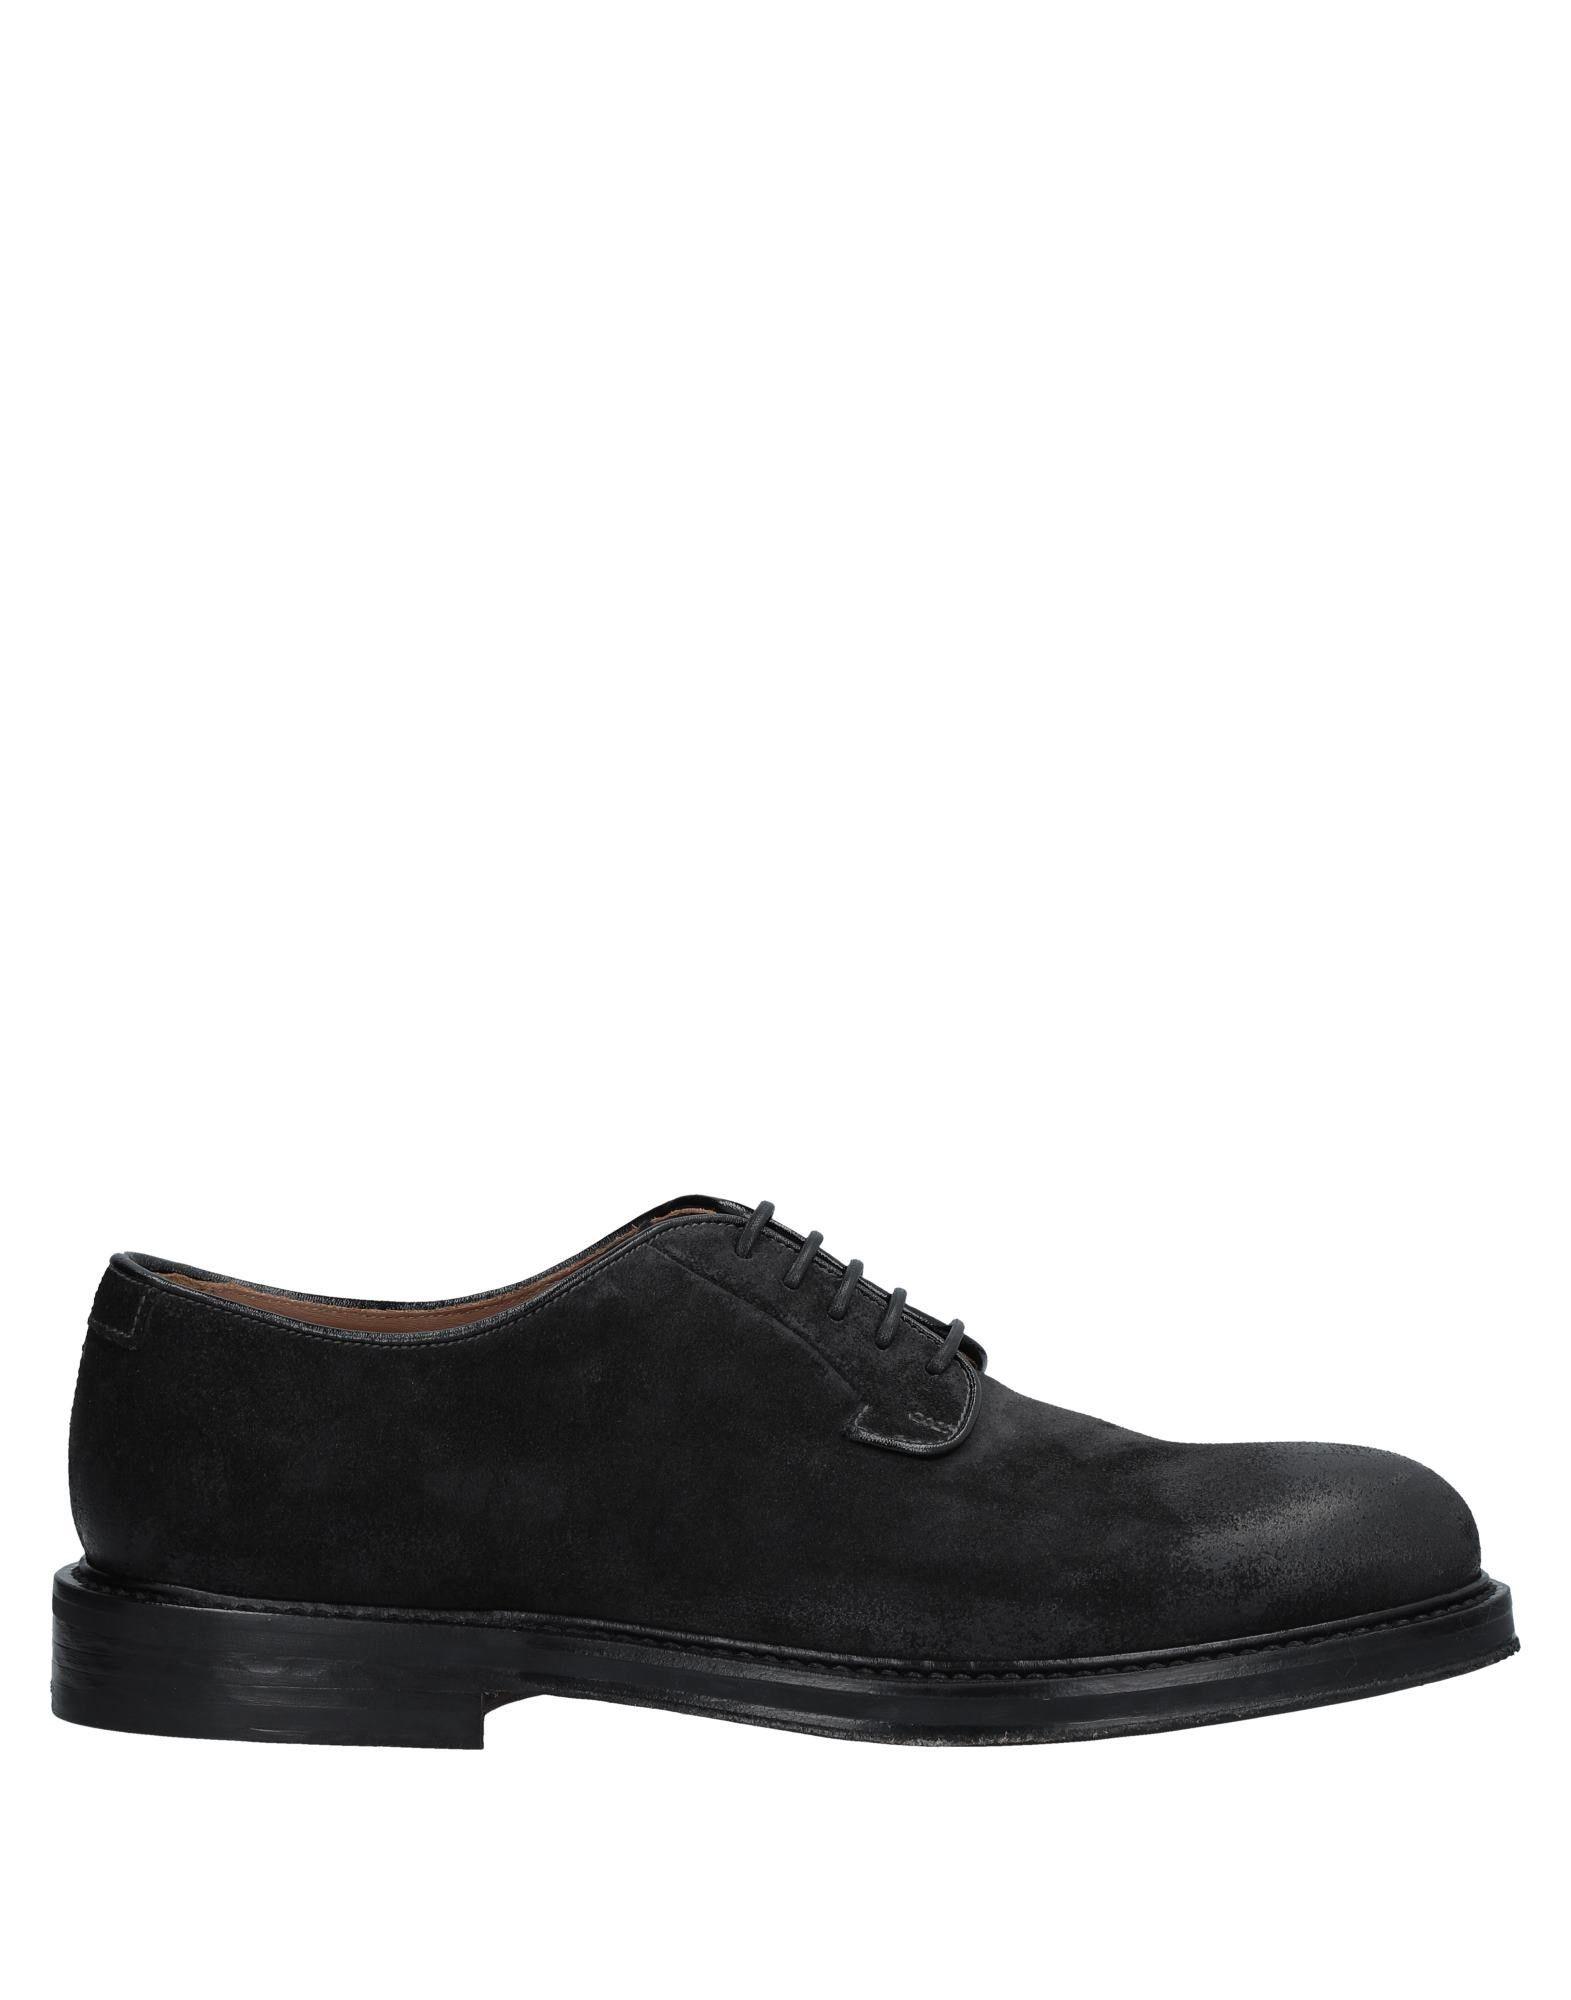 Doucal's Schnürschuhe Herren  11530750EB Gute Qualität beliebte Schuhe